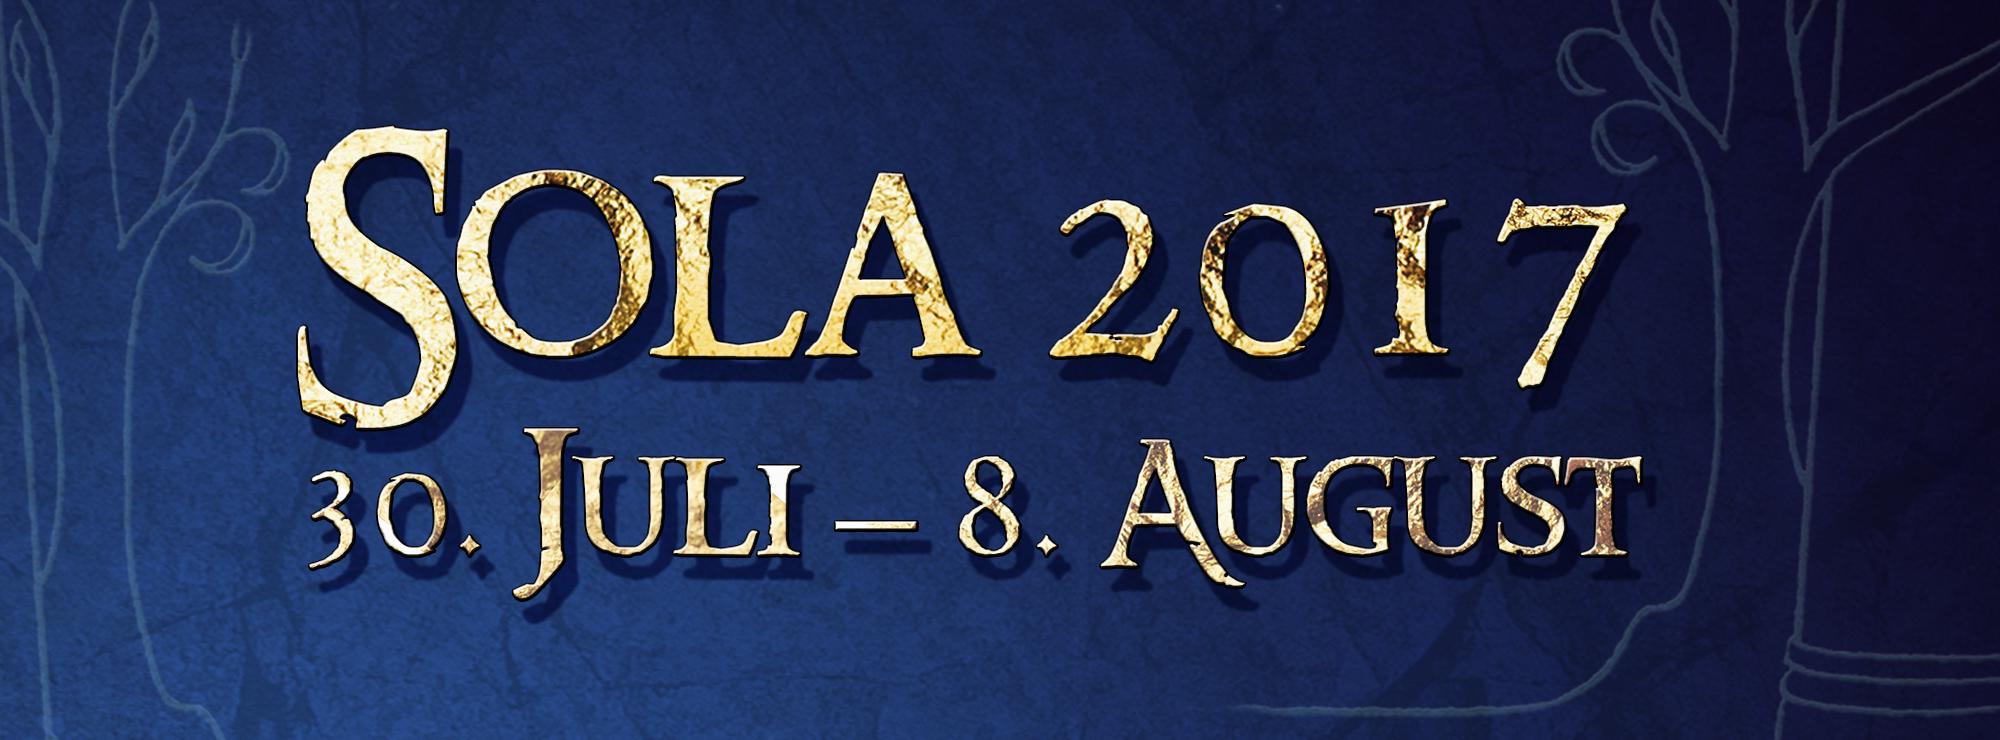 Banner: Sola 2017 30. Juli - 8. August